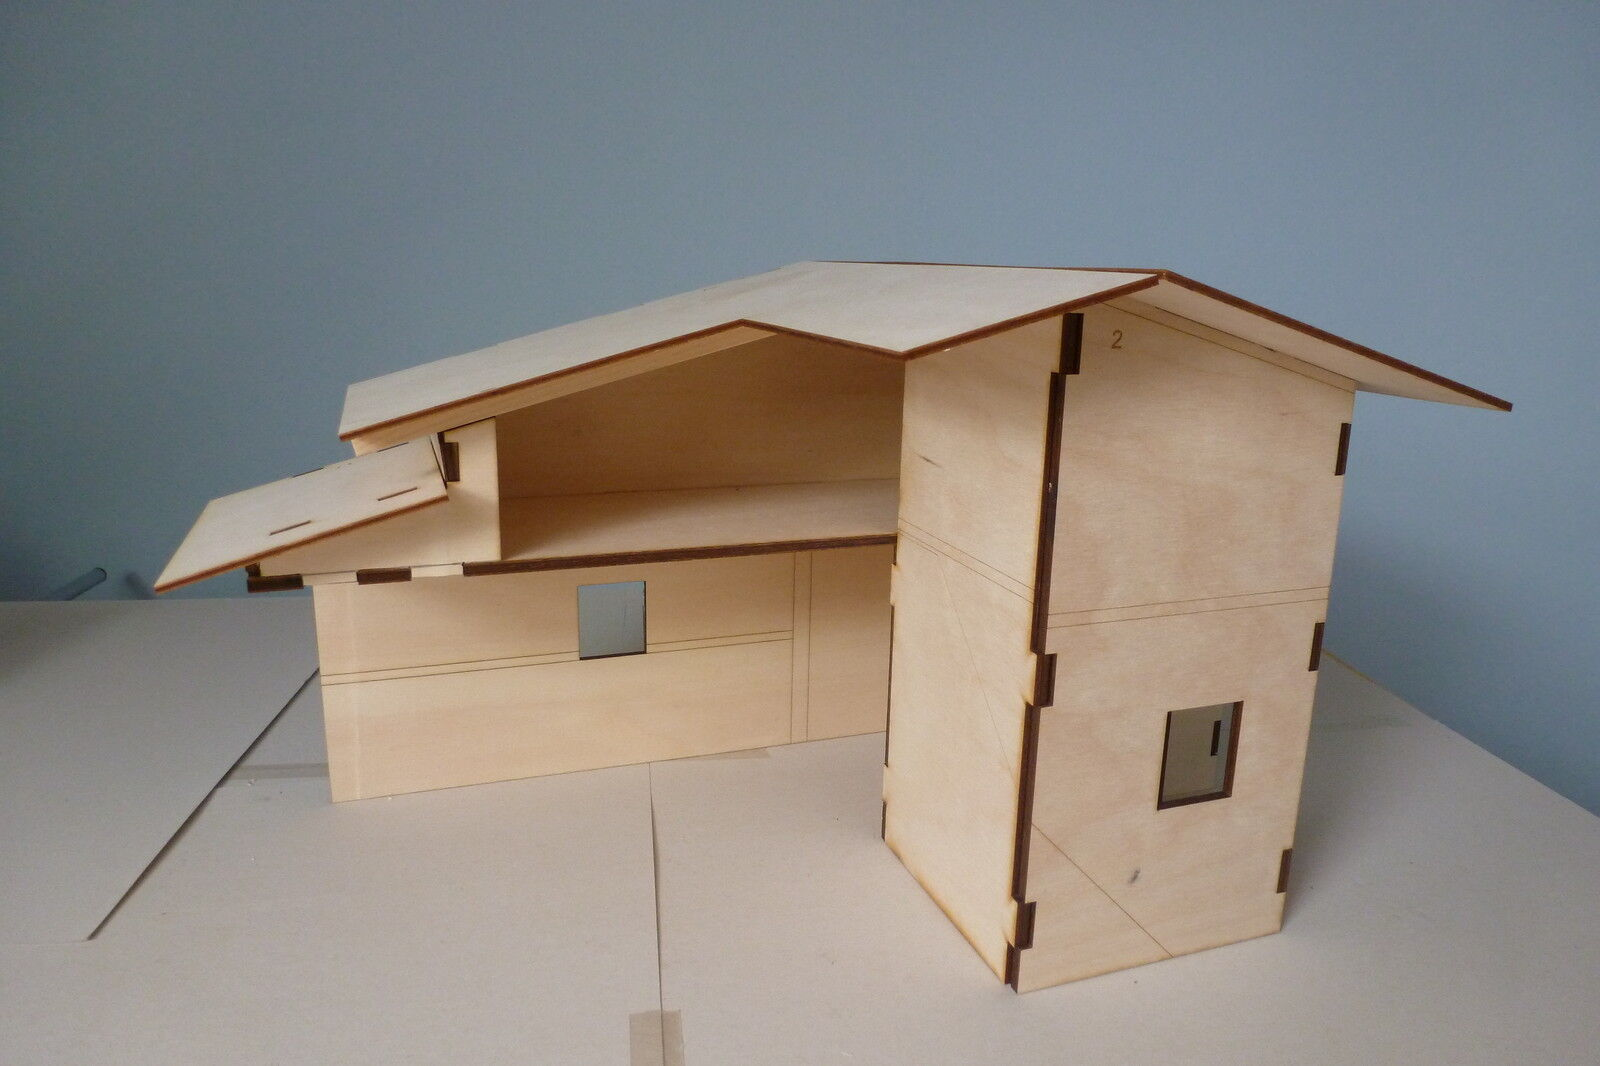 krippenbausatz krippe bergh tte bausatz zum krippe selber bauen eur 89 90 picclick de. Black Bedroom Furniture Sets. Home Design Ideas